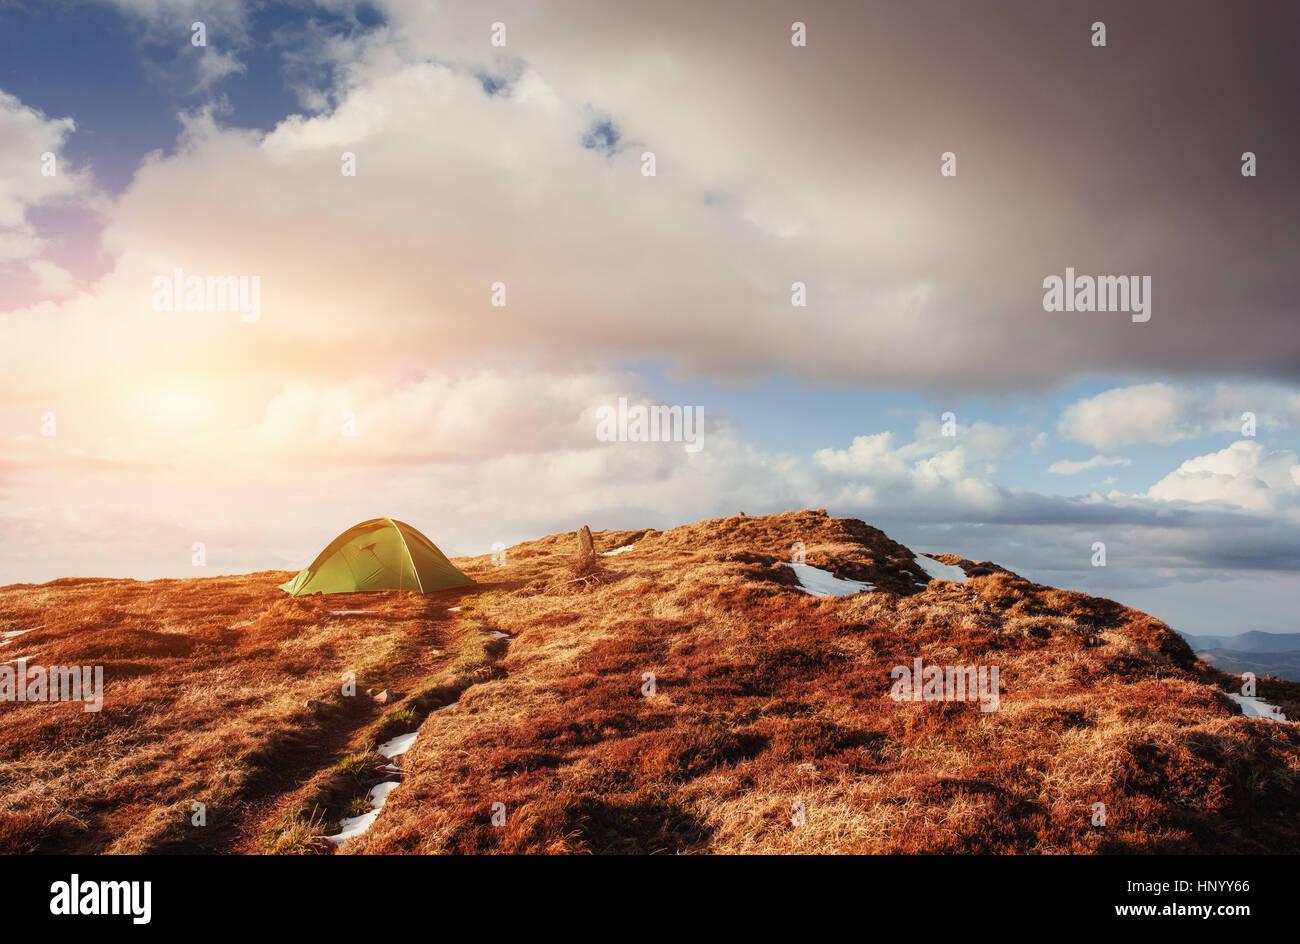 Tourist tente dans la montagne au printemps. Photo Stock